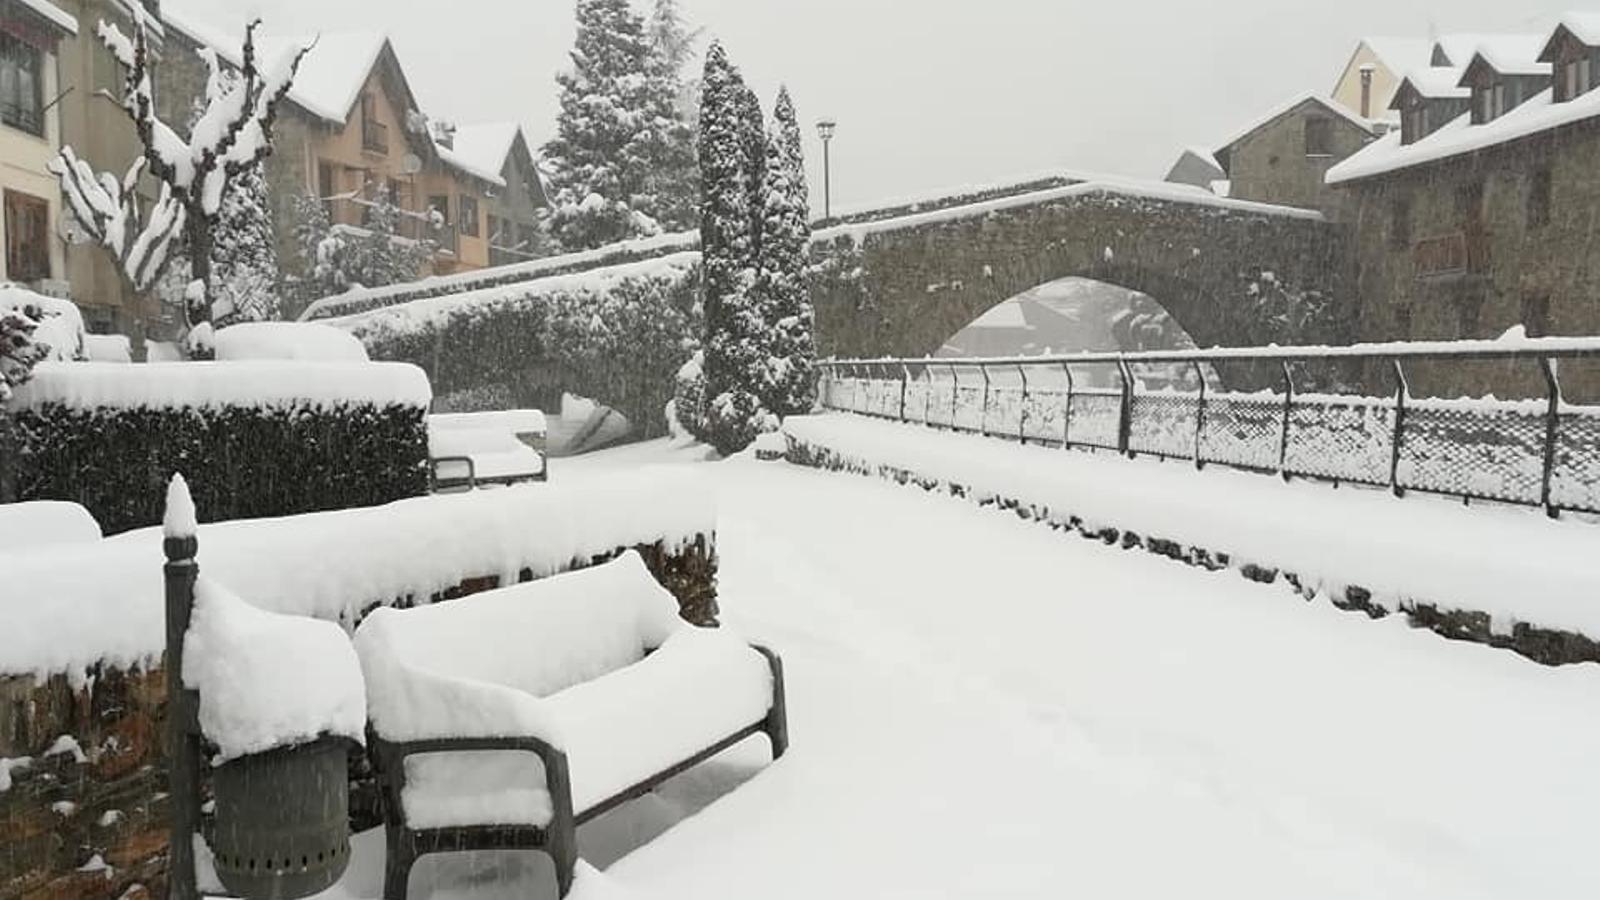 Méteo especial: ventades fortes i encara més neu